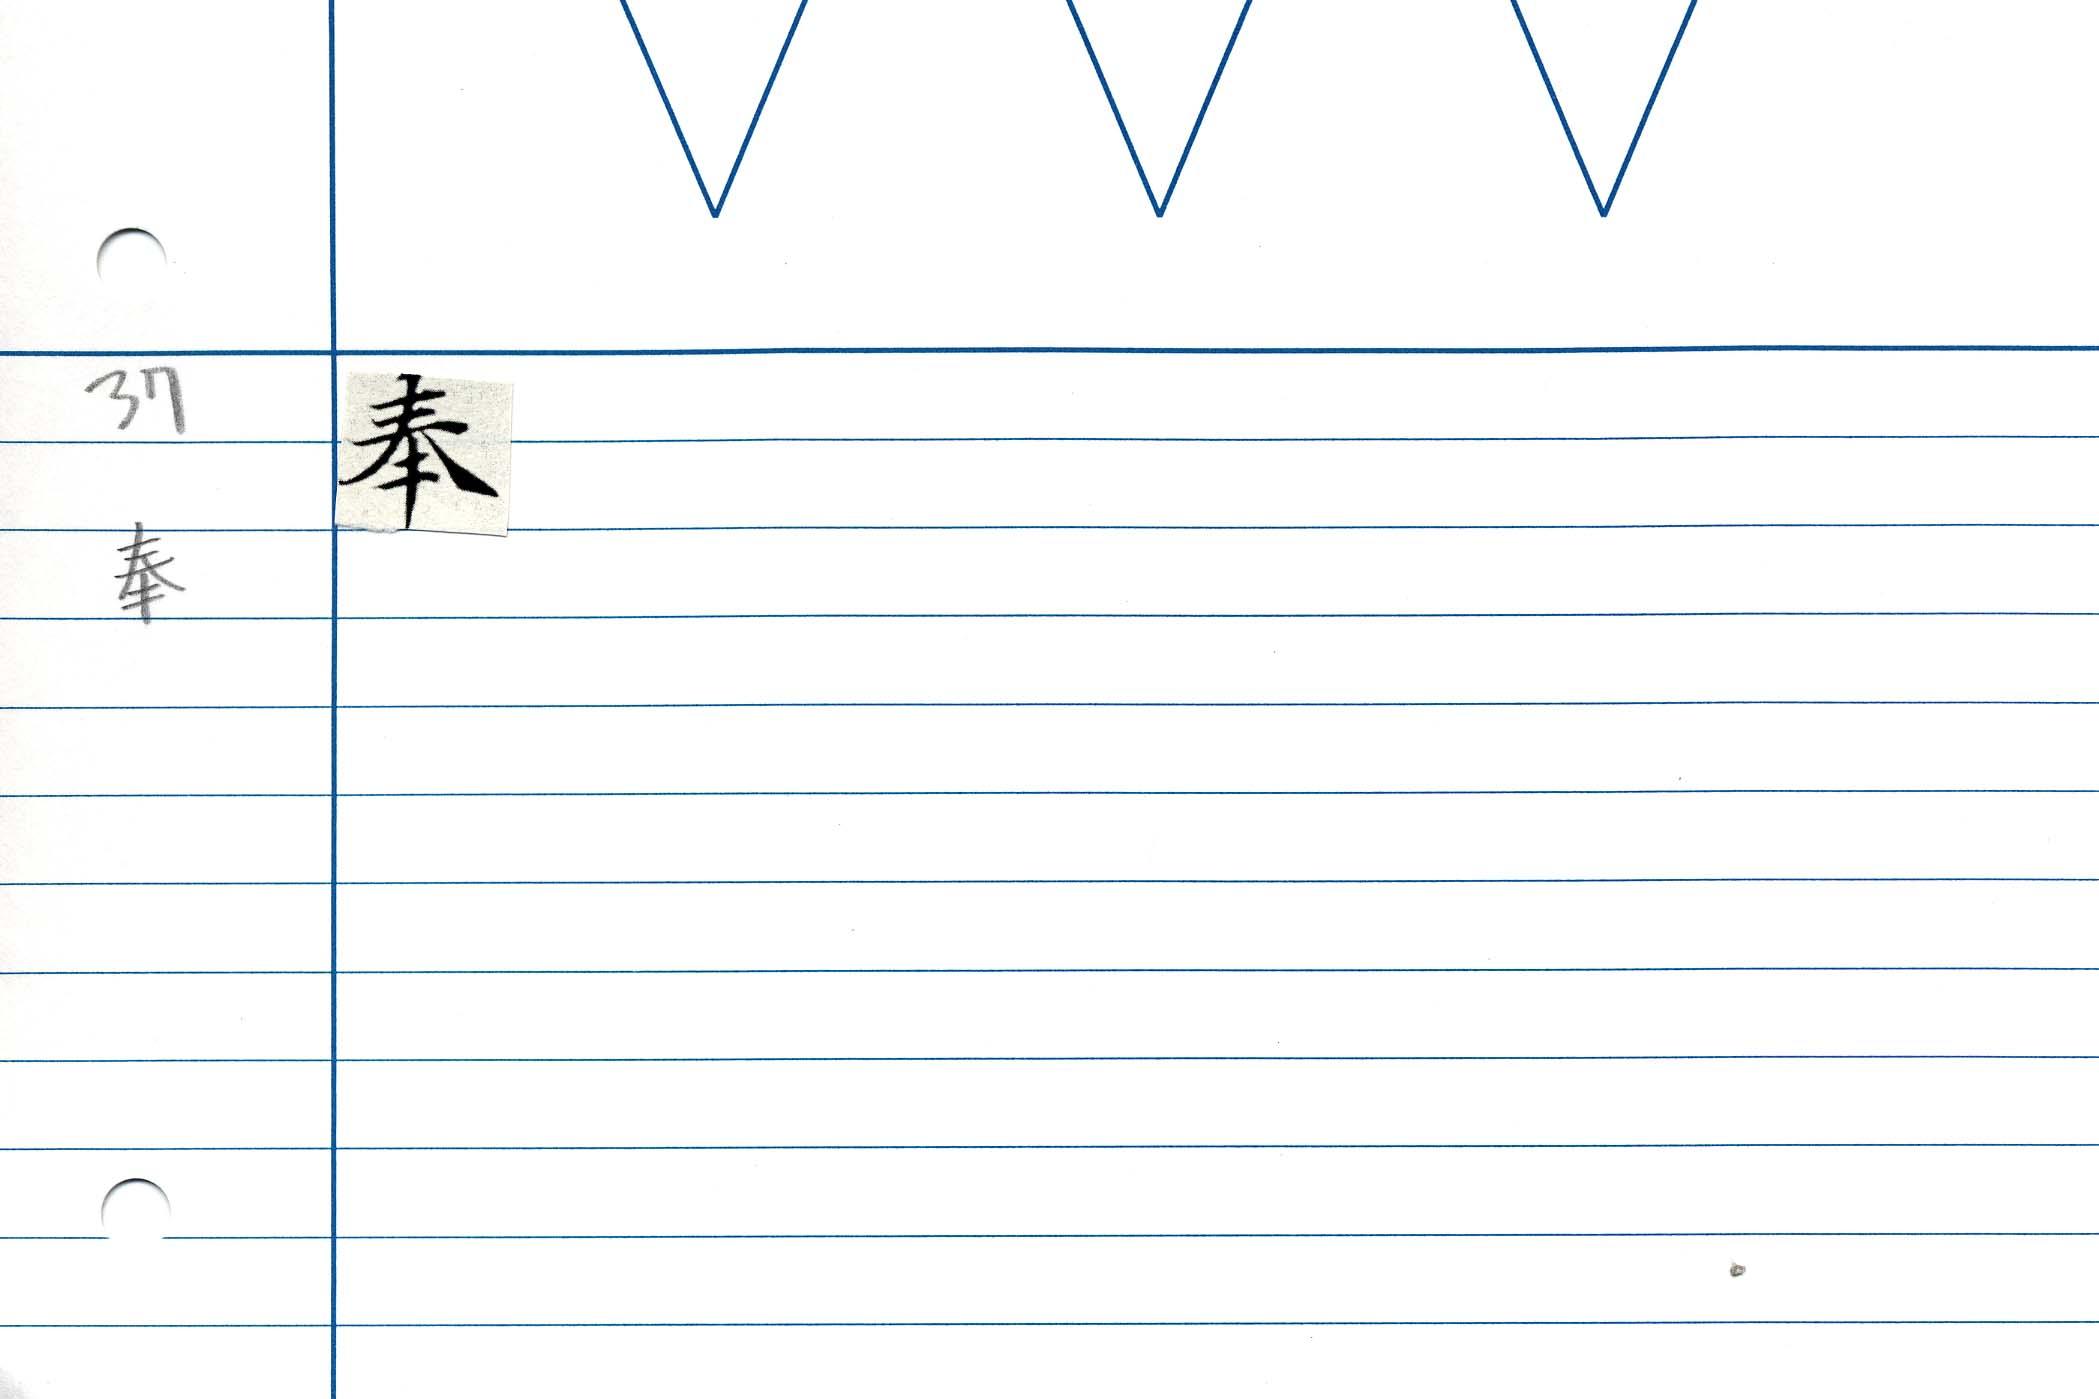 49_華嚴經卷三十八(趙氏藏本)/cards/0025.jpg